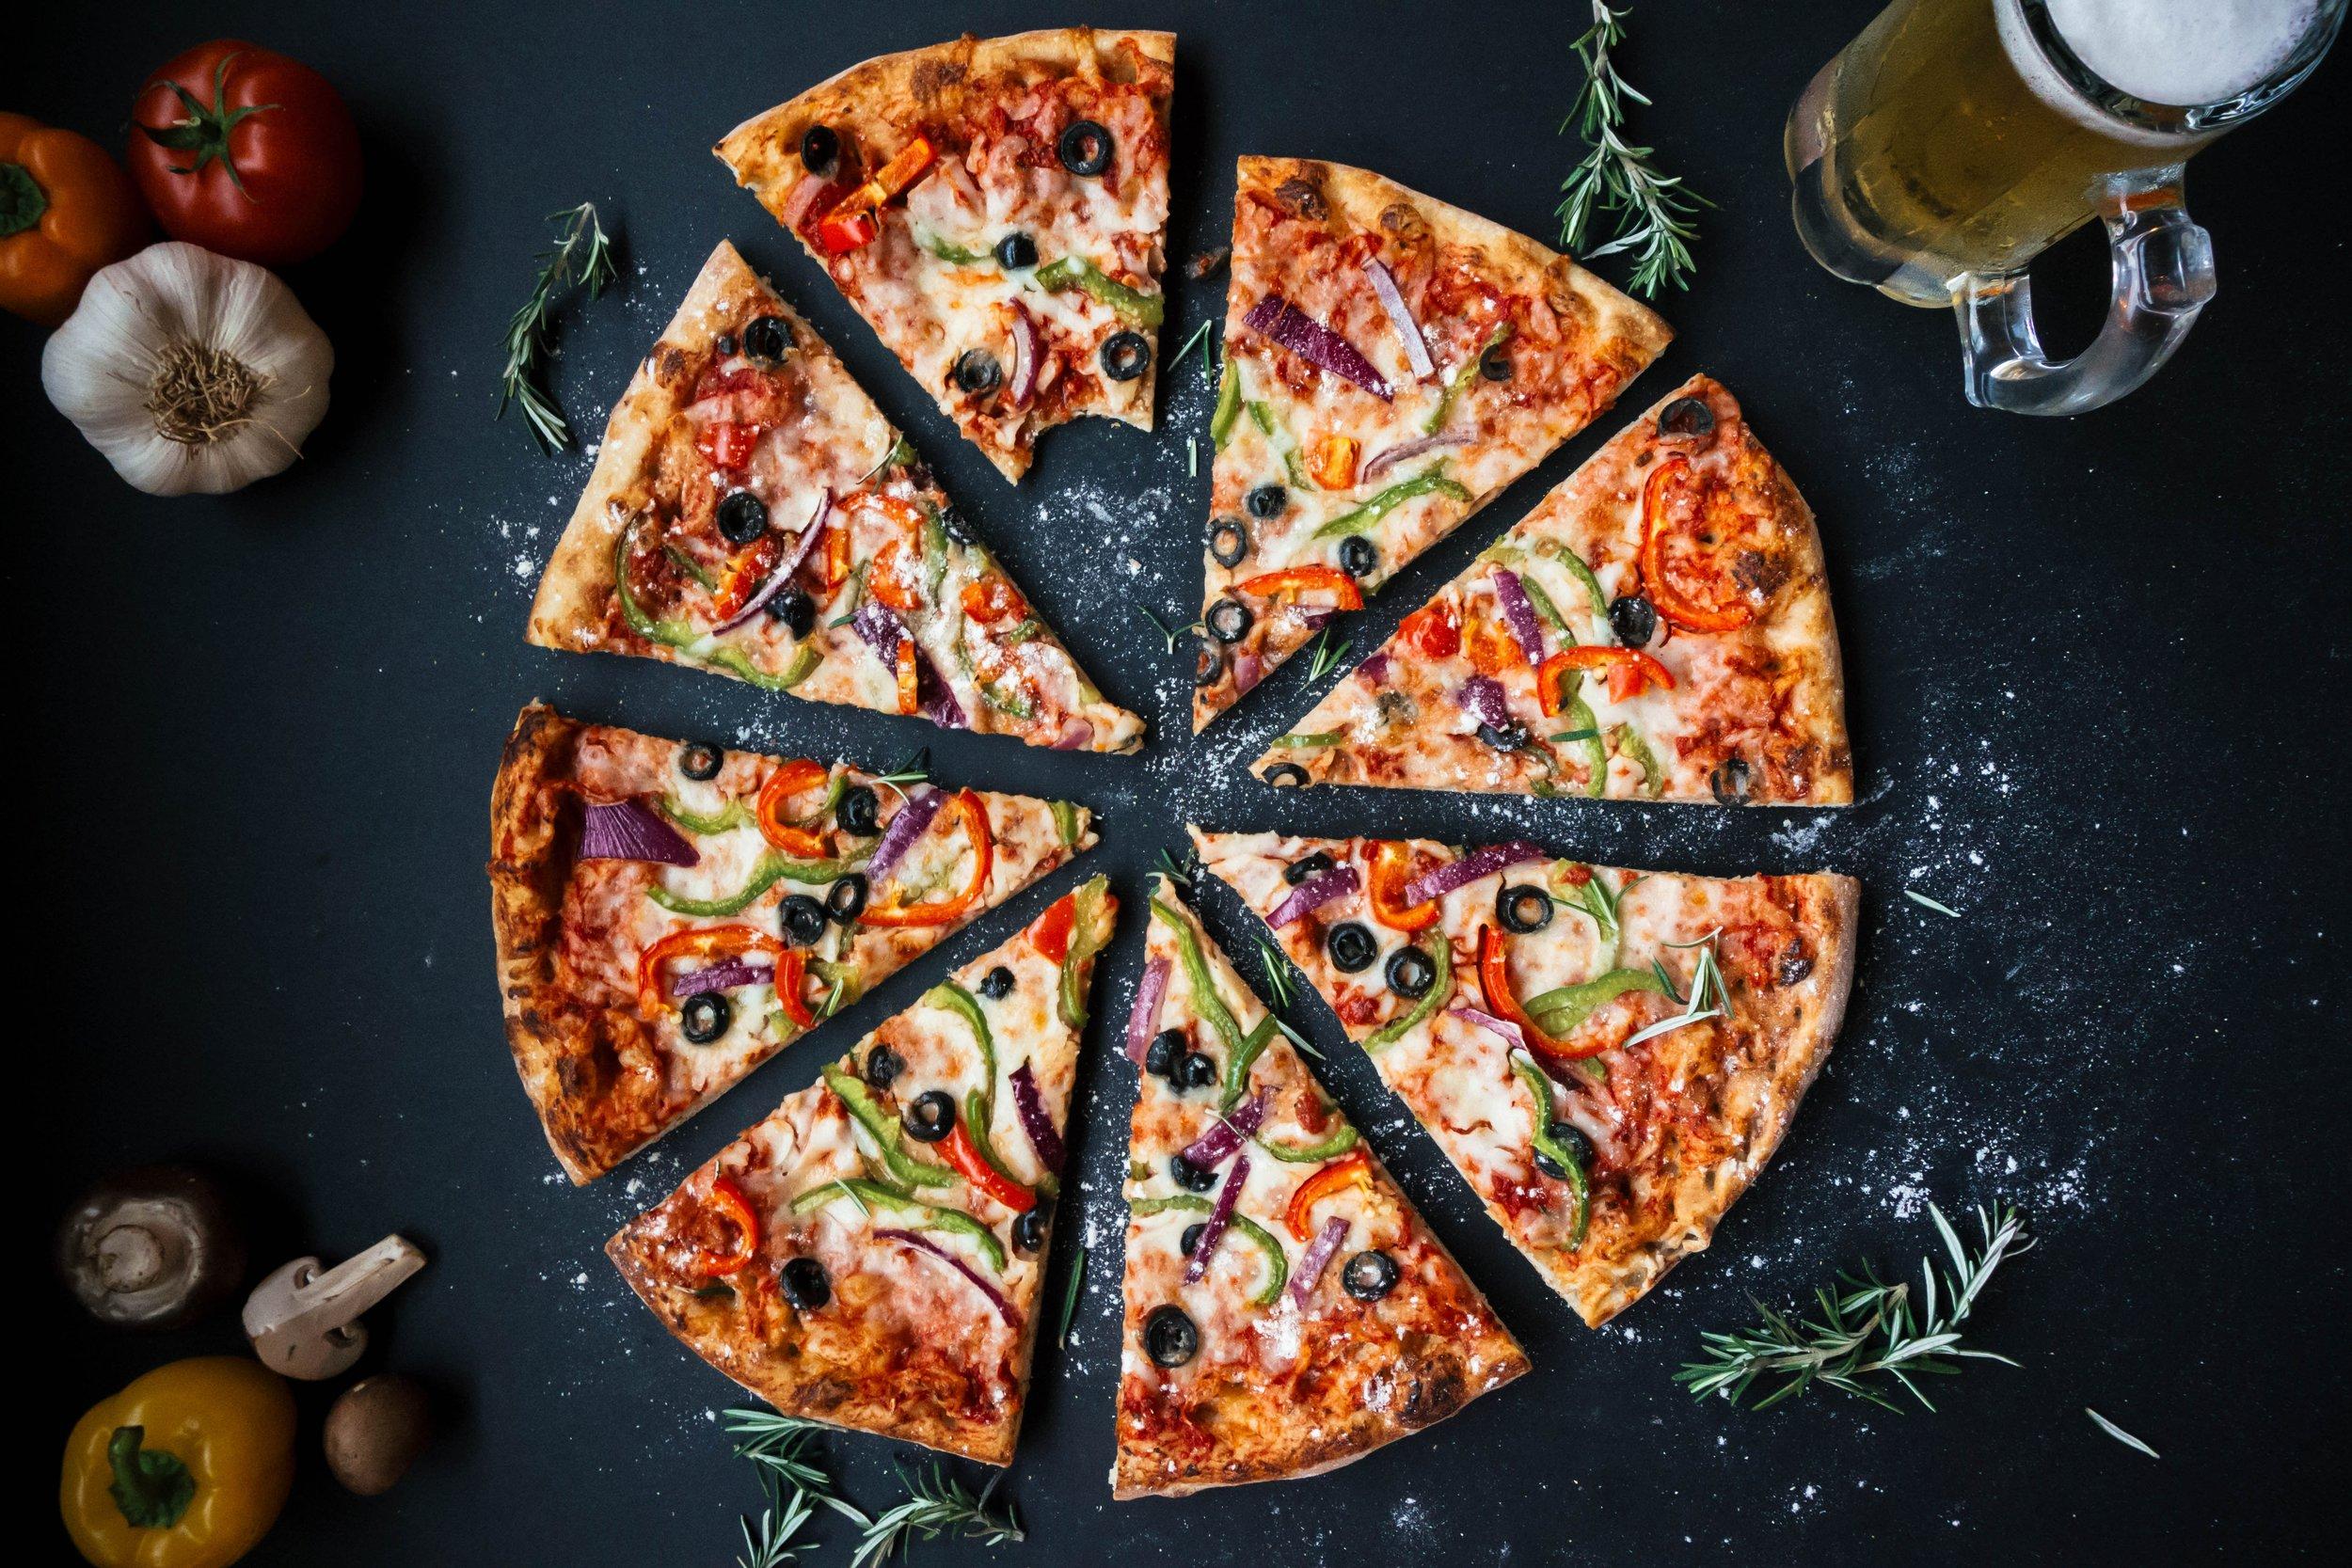 brick ovenpizza - Fresh, crunchy & delicious!